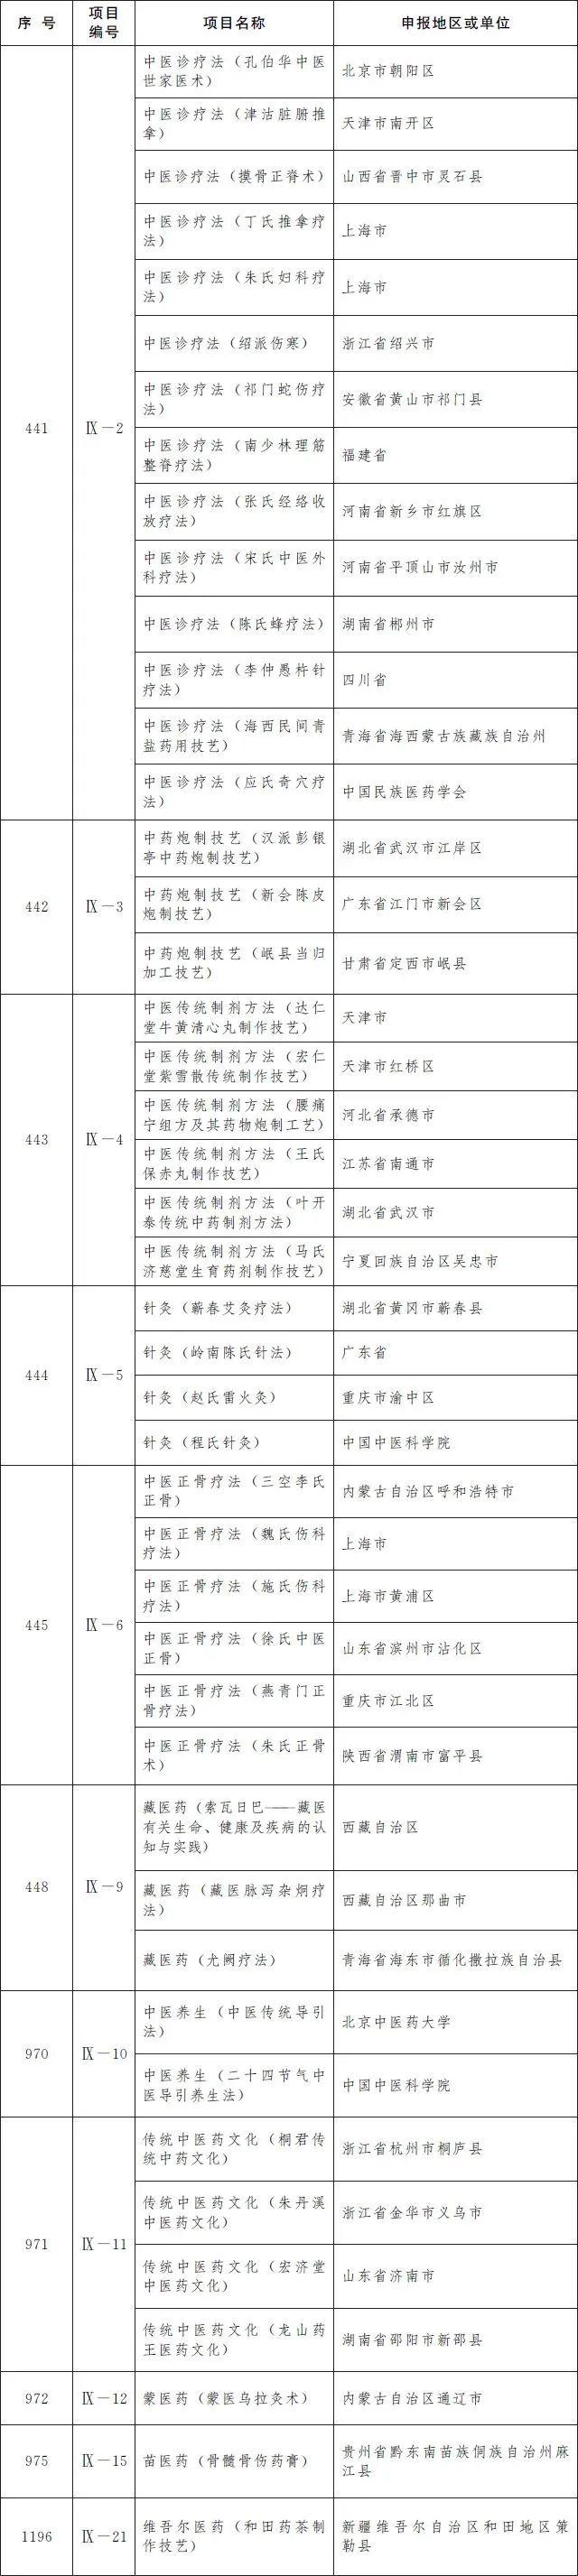 第五批国家级非物质文化遗产代表性项目名录公布,孔伯华中医世家医术等入选